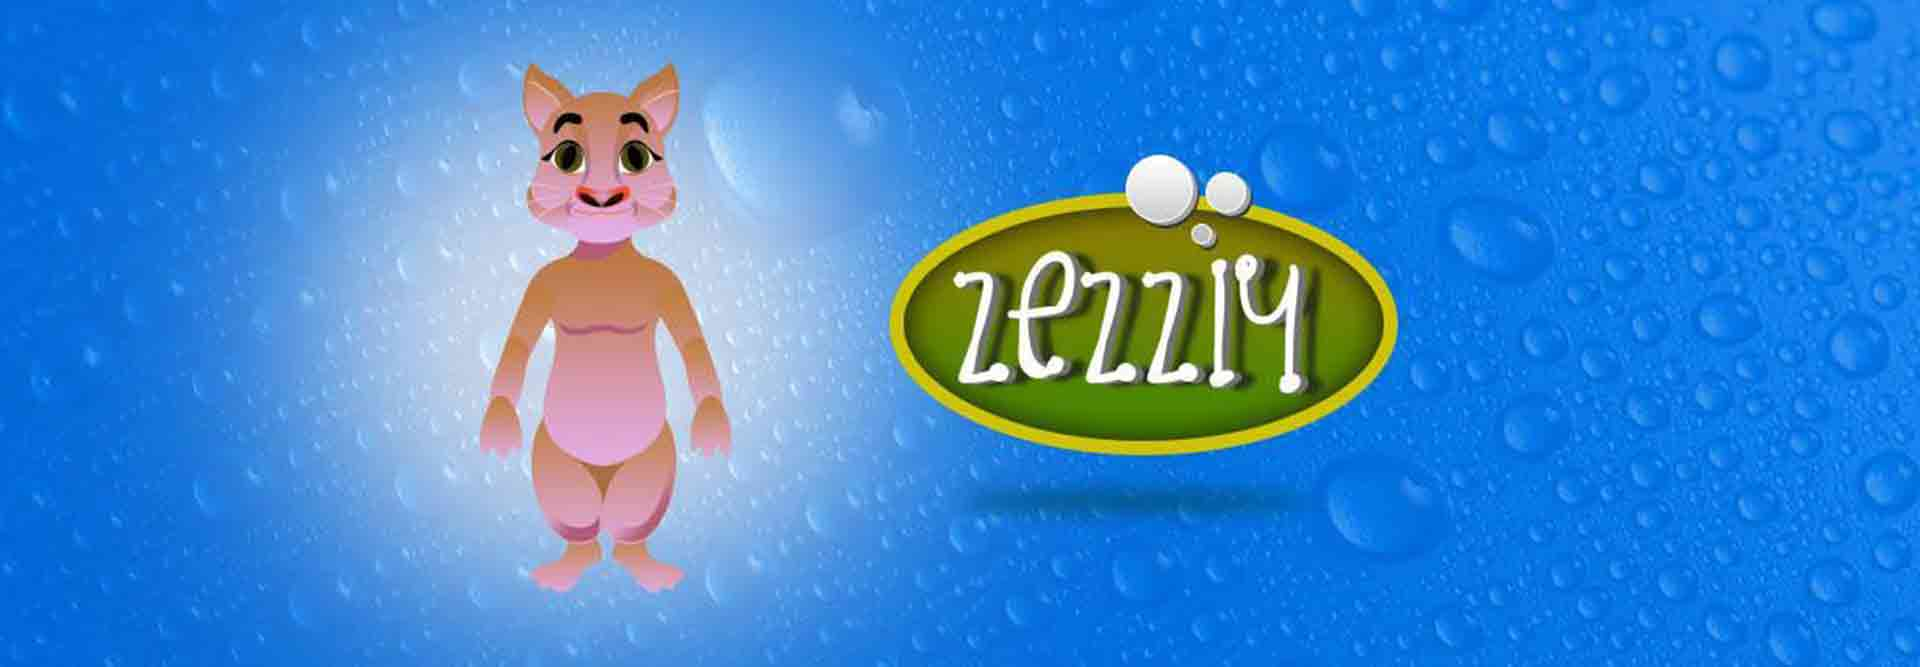 zazzly-ban